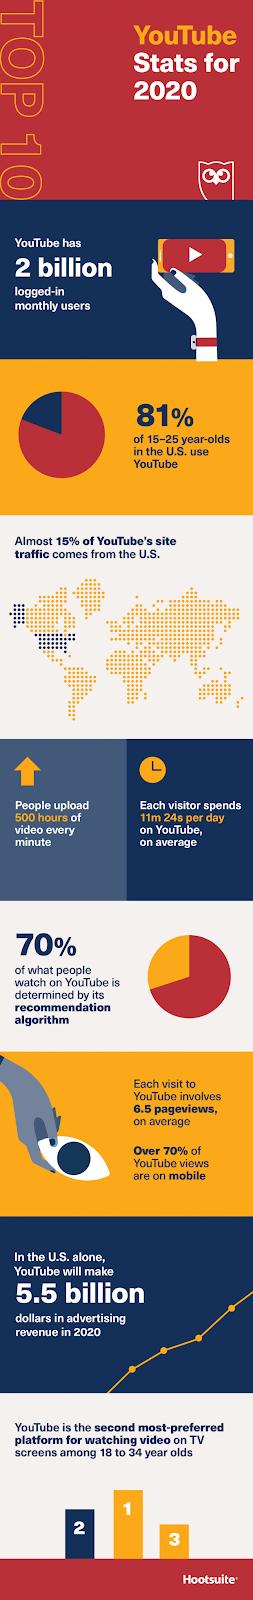 10 thống kê hàng đầu của YouTube cho năm 2020